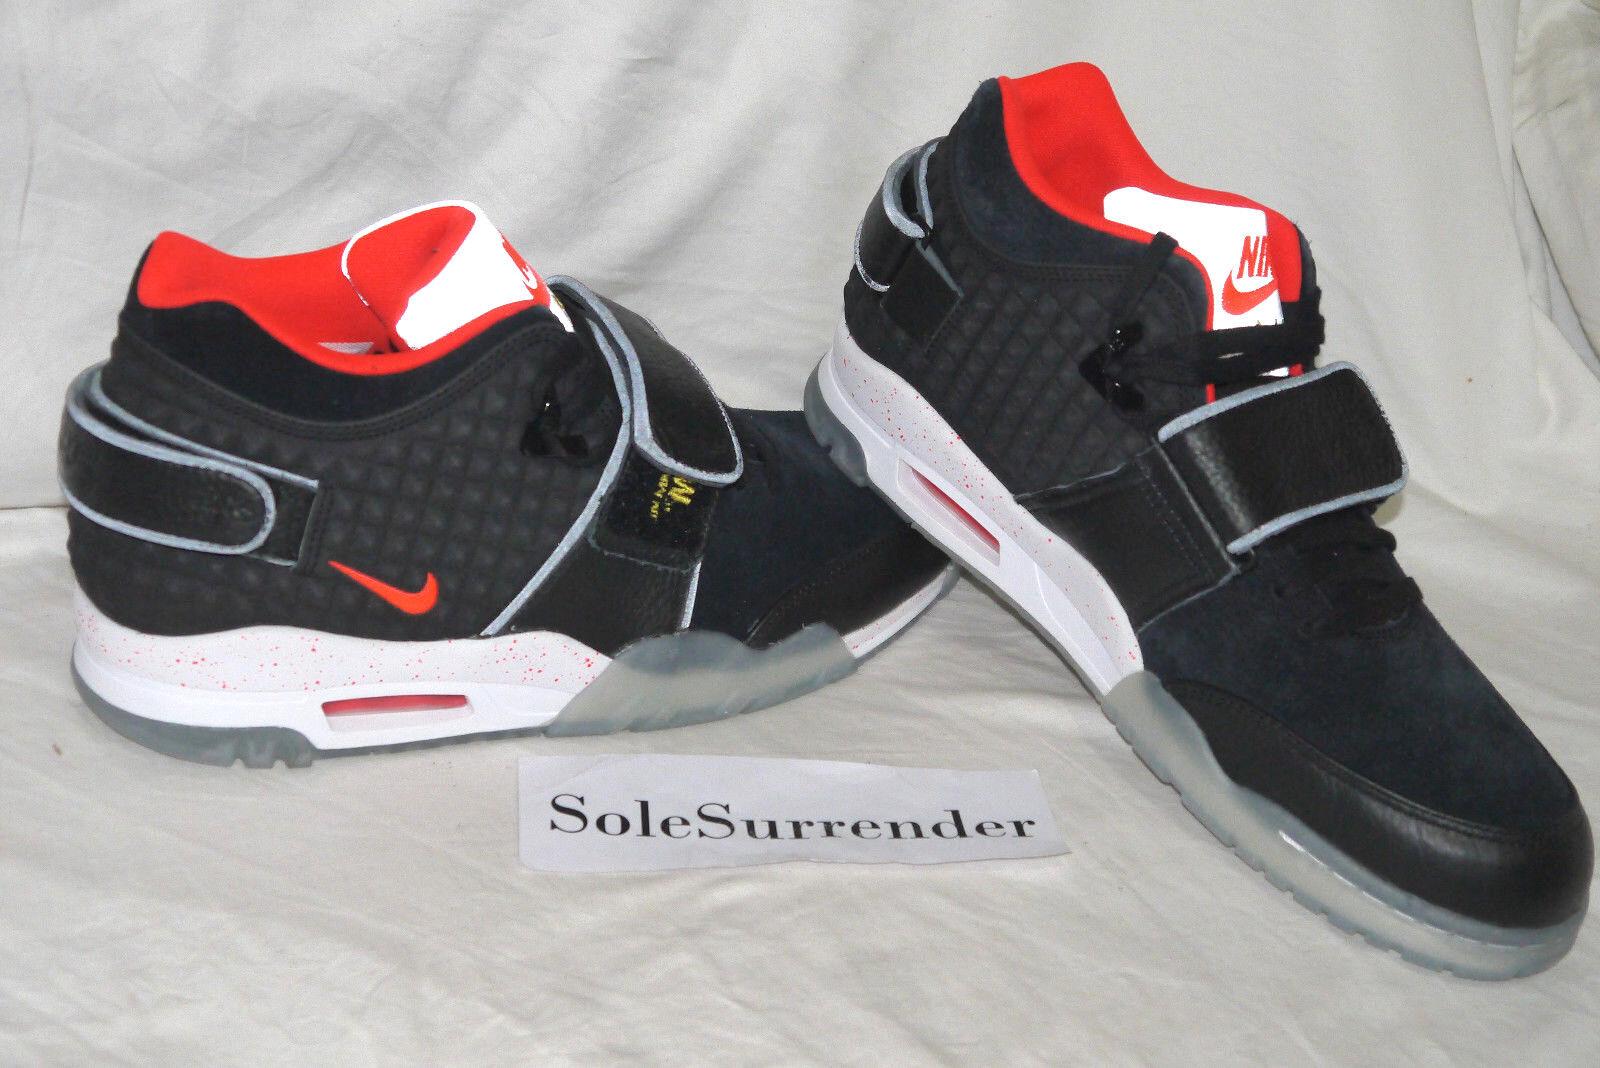 Nike Air - Trainer Victor Cruz QS - Air SIZE 9.5 - NEW - 821955-001 Black Crimson Red c4872d